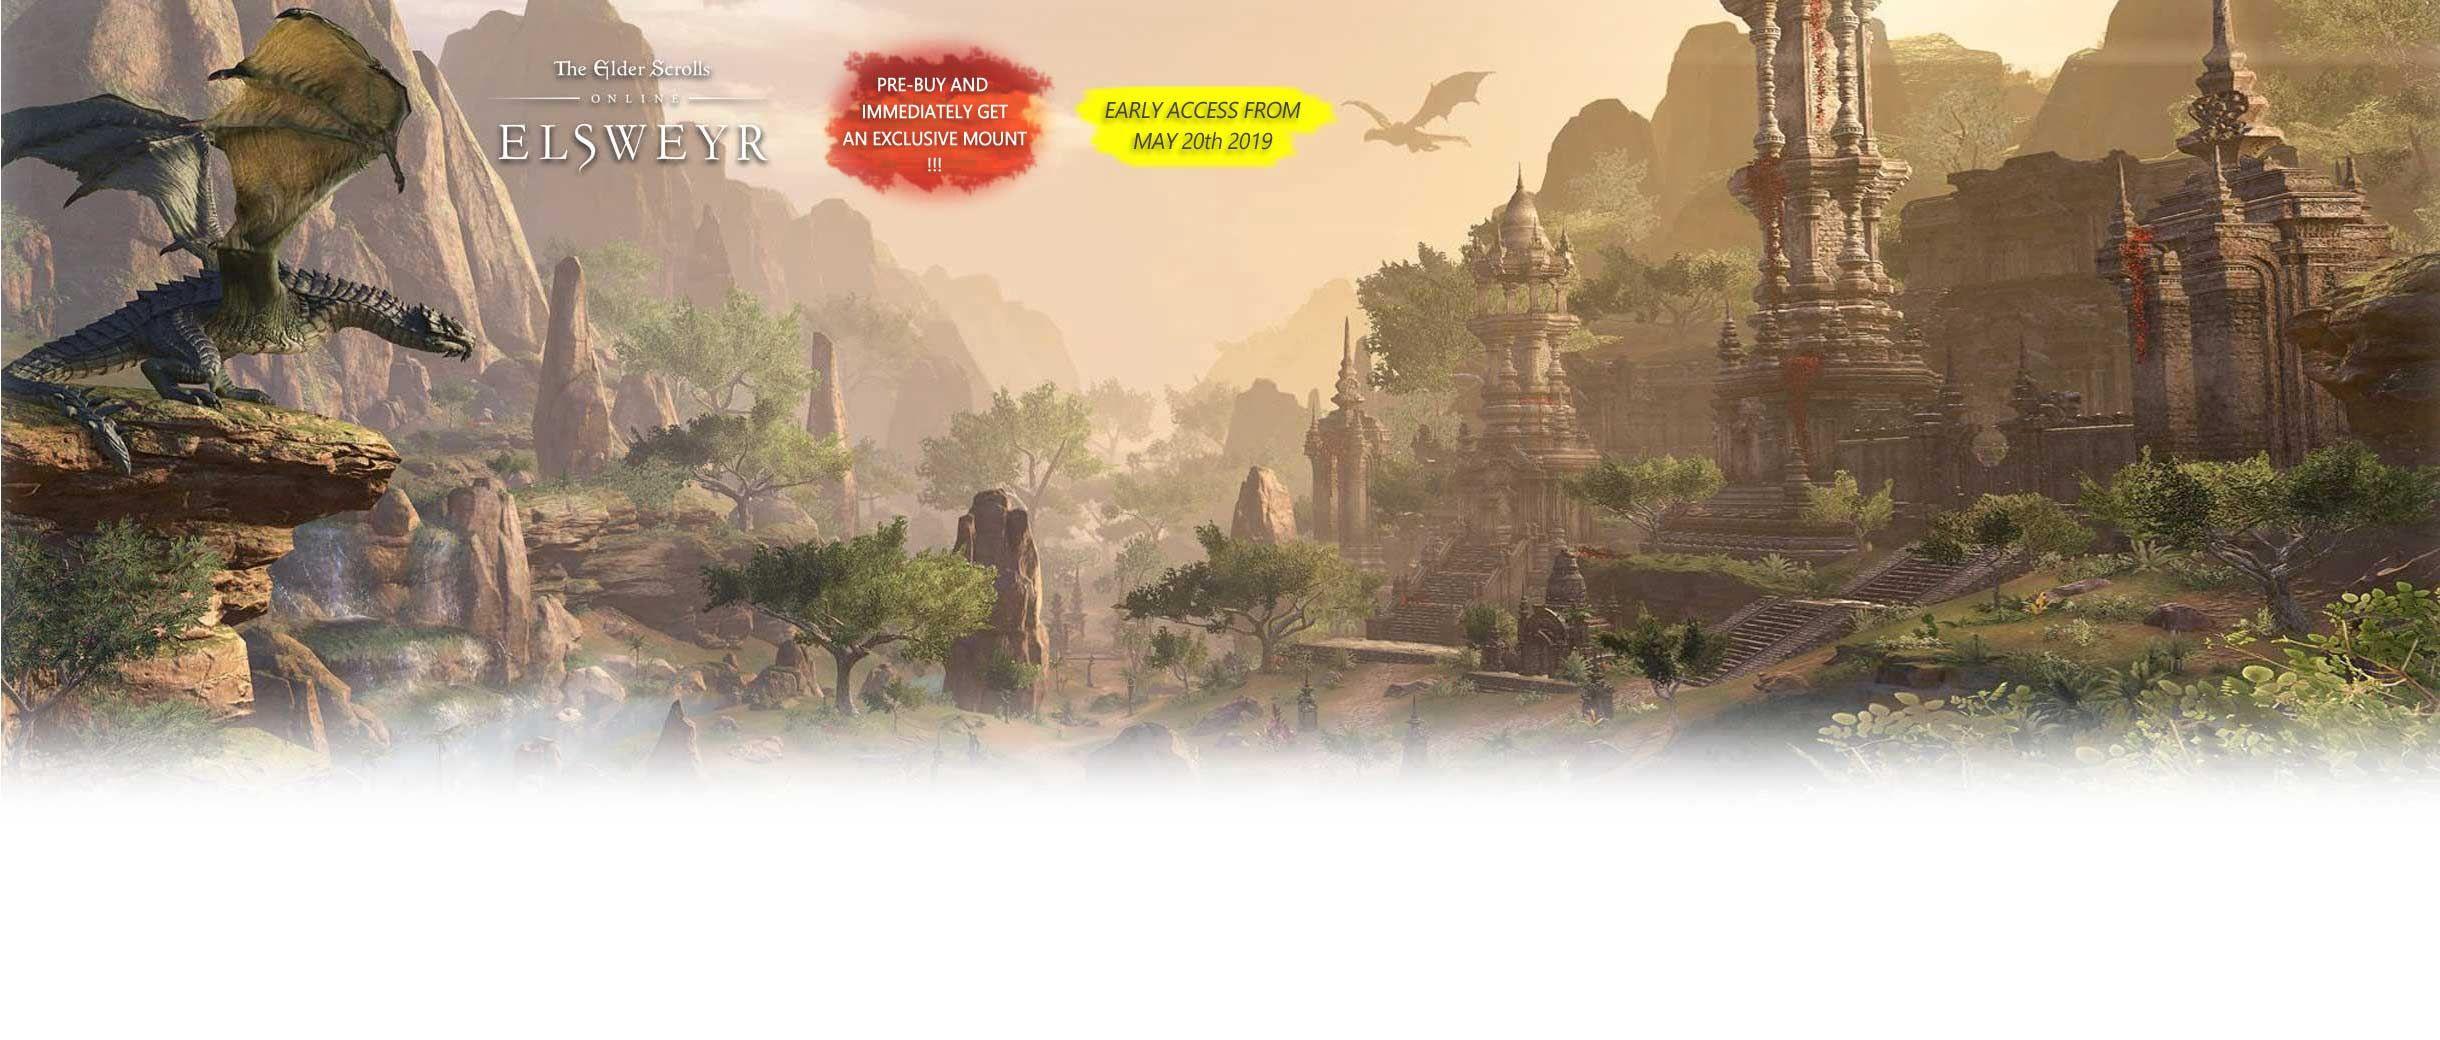 The Elder Scrolls Online: Elsweyr - Collectors Upgrade